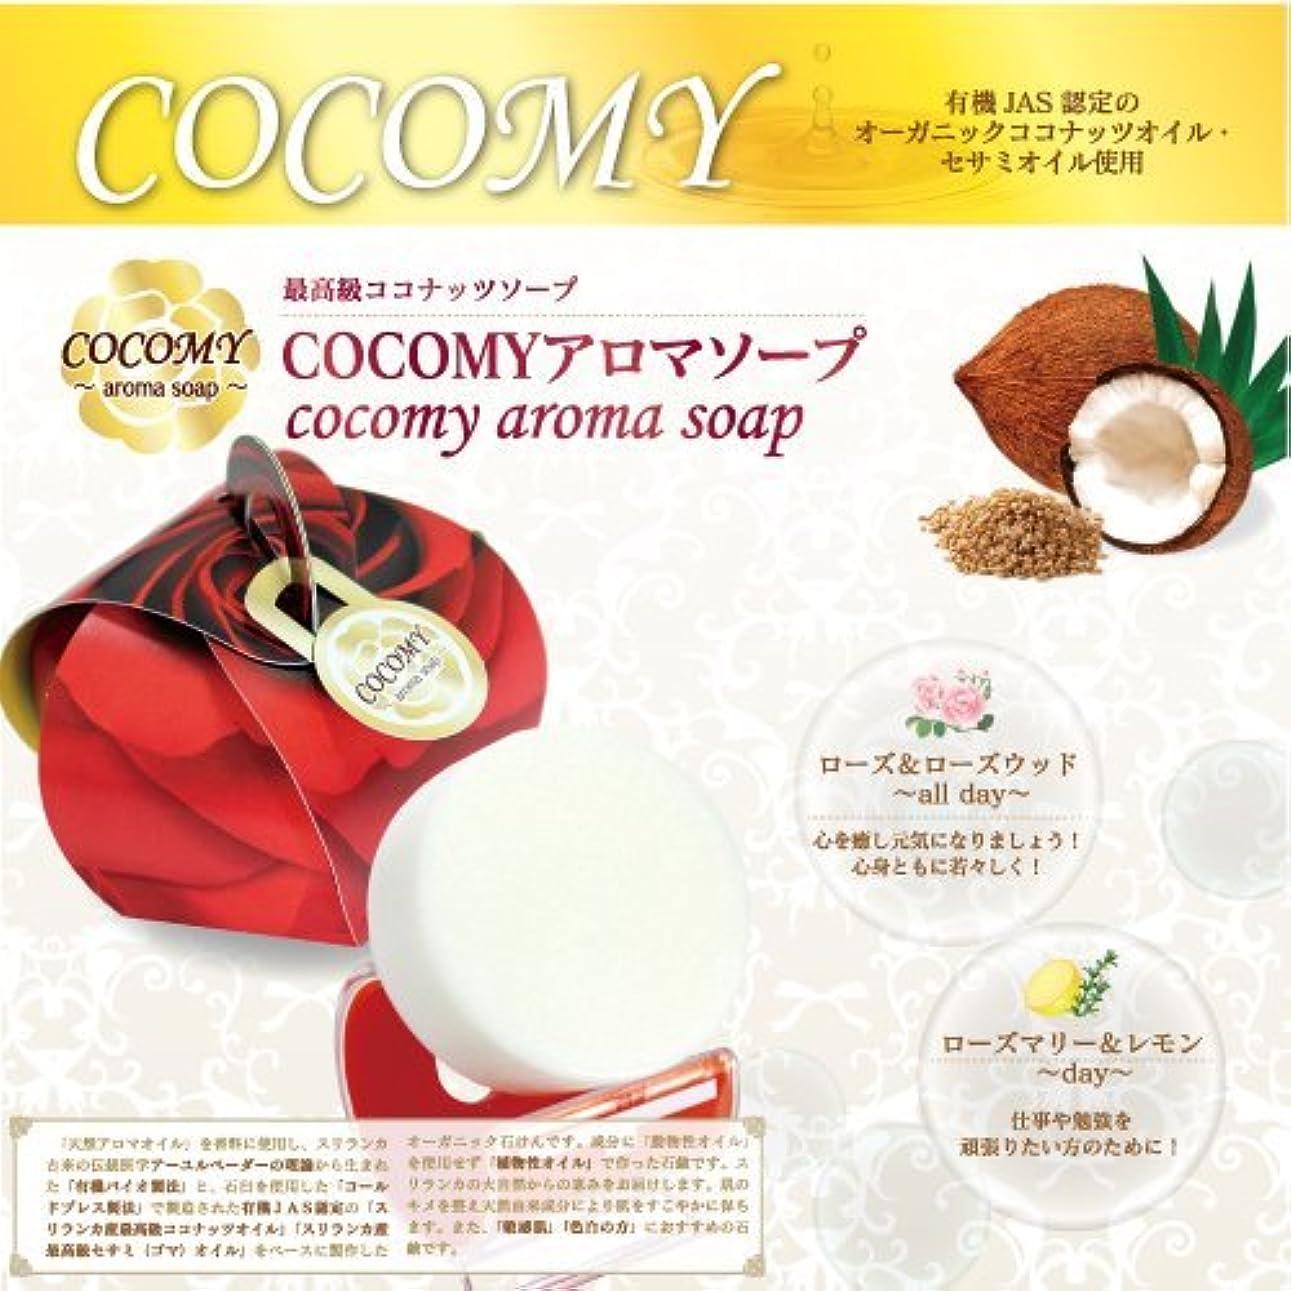 ノイズ発火する晩餐COCOMY aromaソープ 4個セット (ローズマリー&レモン)(ローズ&ローズウッド) 40g×各2